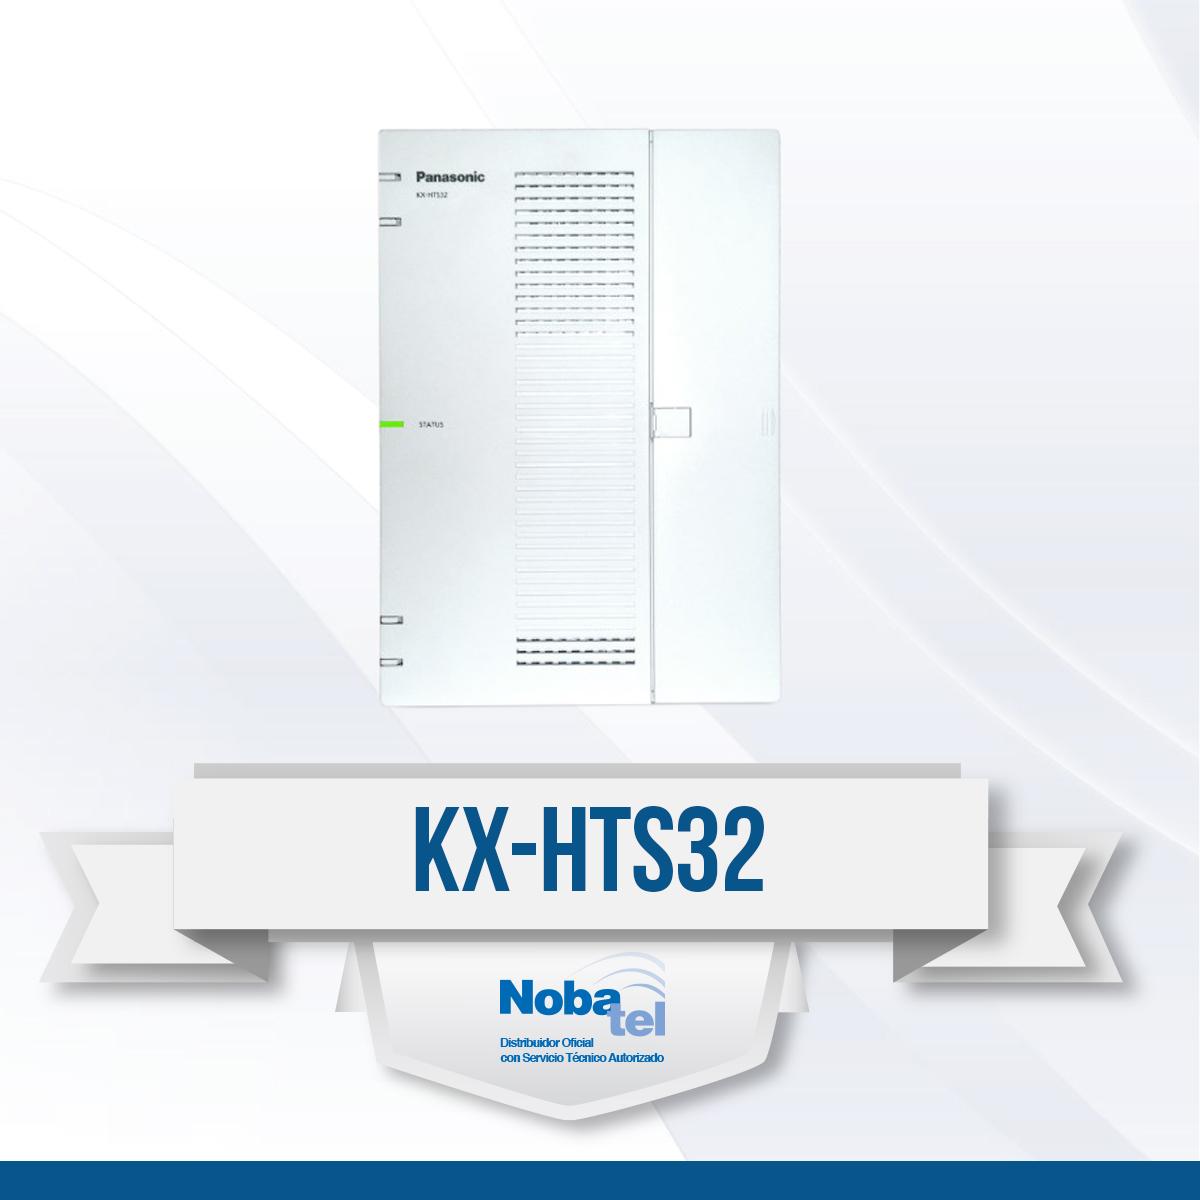 hts32